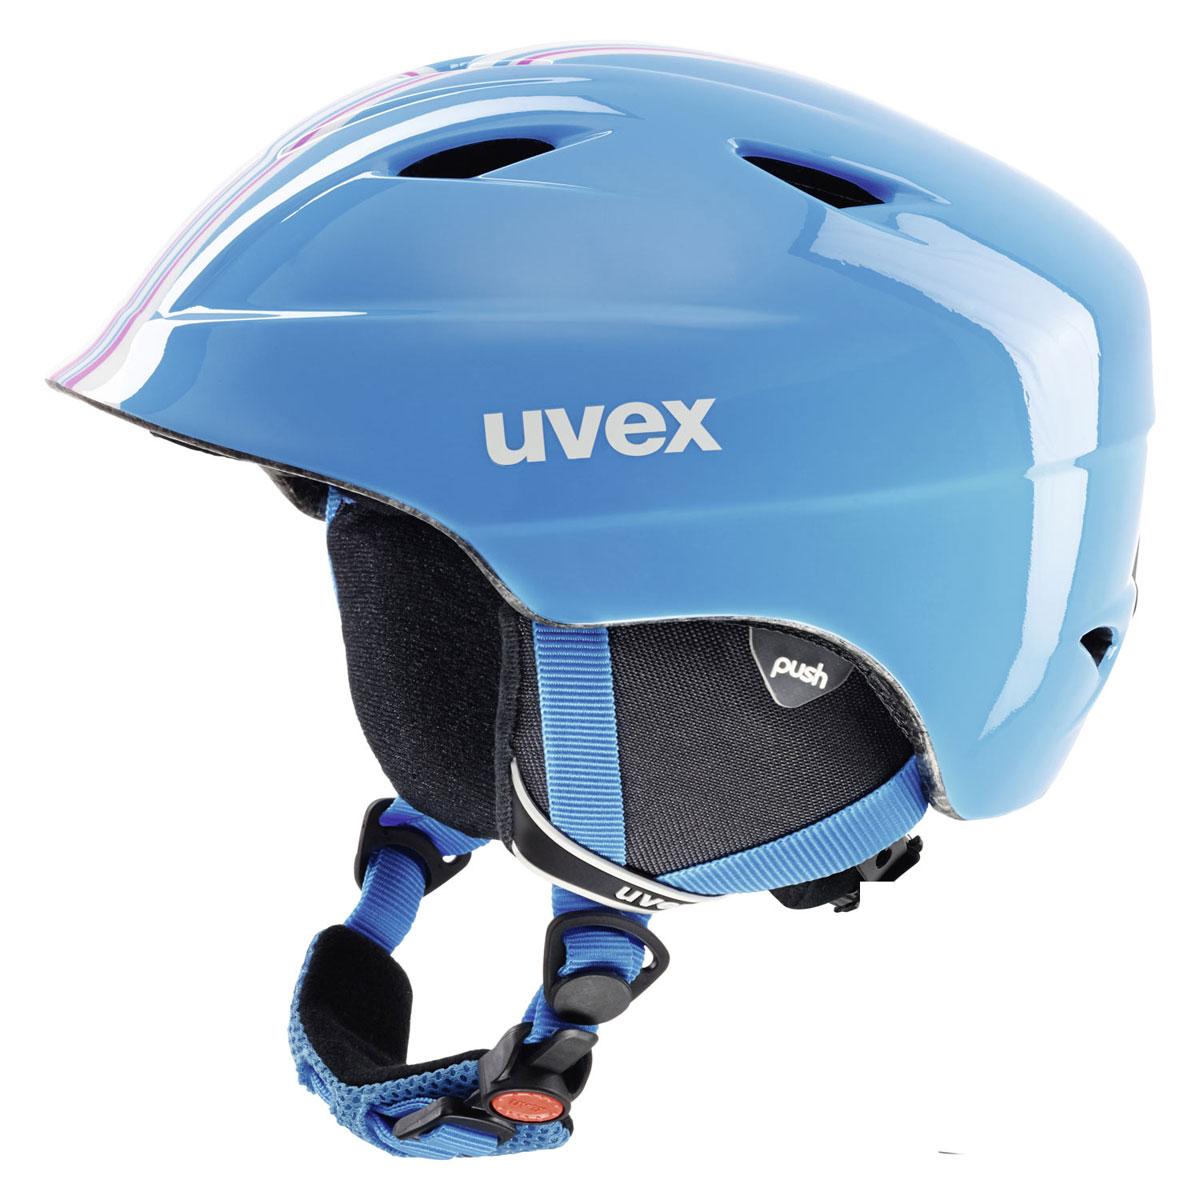 Шлем зимний Uvex Airwing 2, детский, цвет: голубой. Размер SS566192-4903_голубойШлем детский Uvex Airwing 2. Функциональные особенности модели: гипоаллергенный материал подкладки, система вентиляции, съемная защита ушей, фиксатор стрэпа маски, система индивидуальной подгонки размера IAS, застежка Monomatic. Сделано в Германии. Конструкция In-mould Вентиляция Принудительная Сертификация EN 1077 B / ASTM F 2033 Регулировка размера Да Тип регулировки размера IAS Материал внешней раковины АБС-пластик Материал внутренней раковины Пенополистирол Материал подкладки Полиэстер